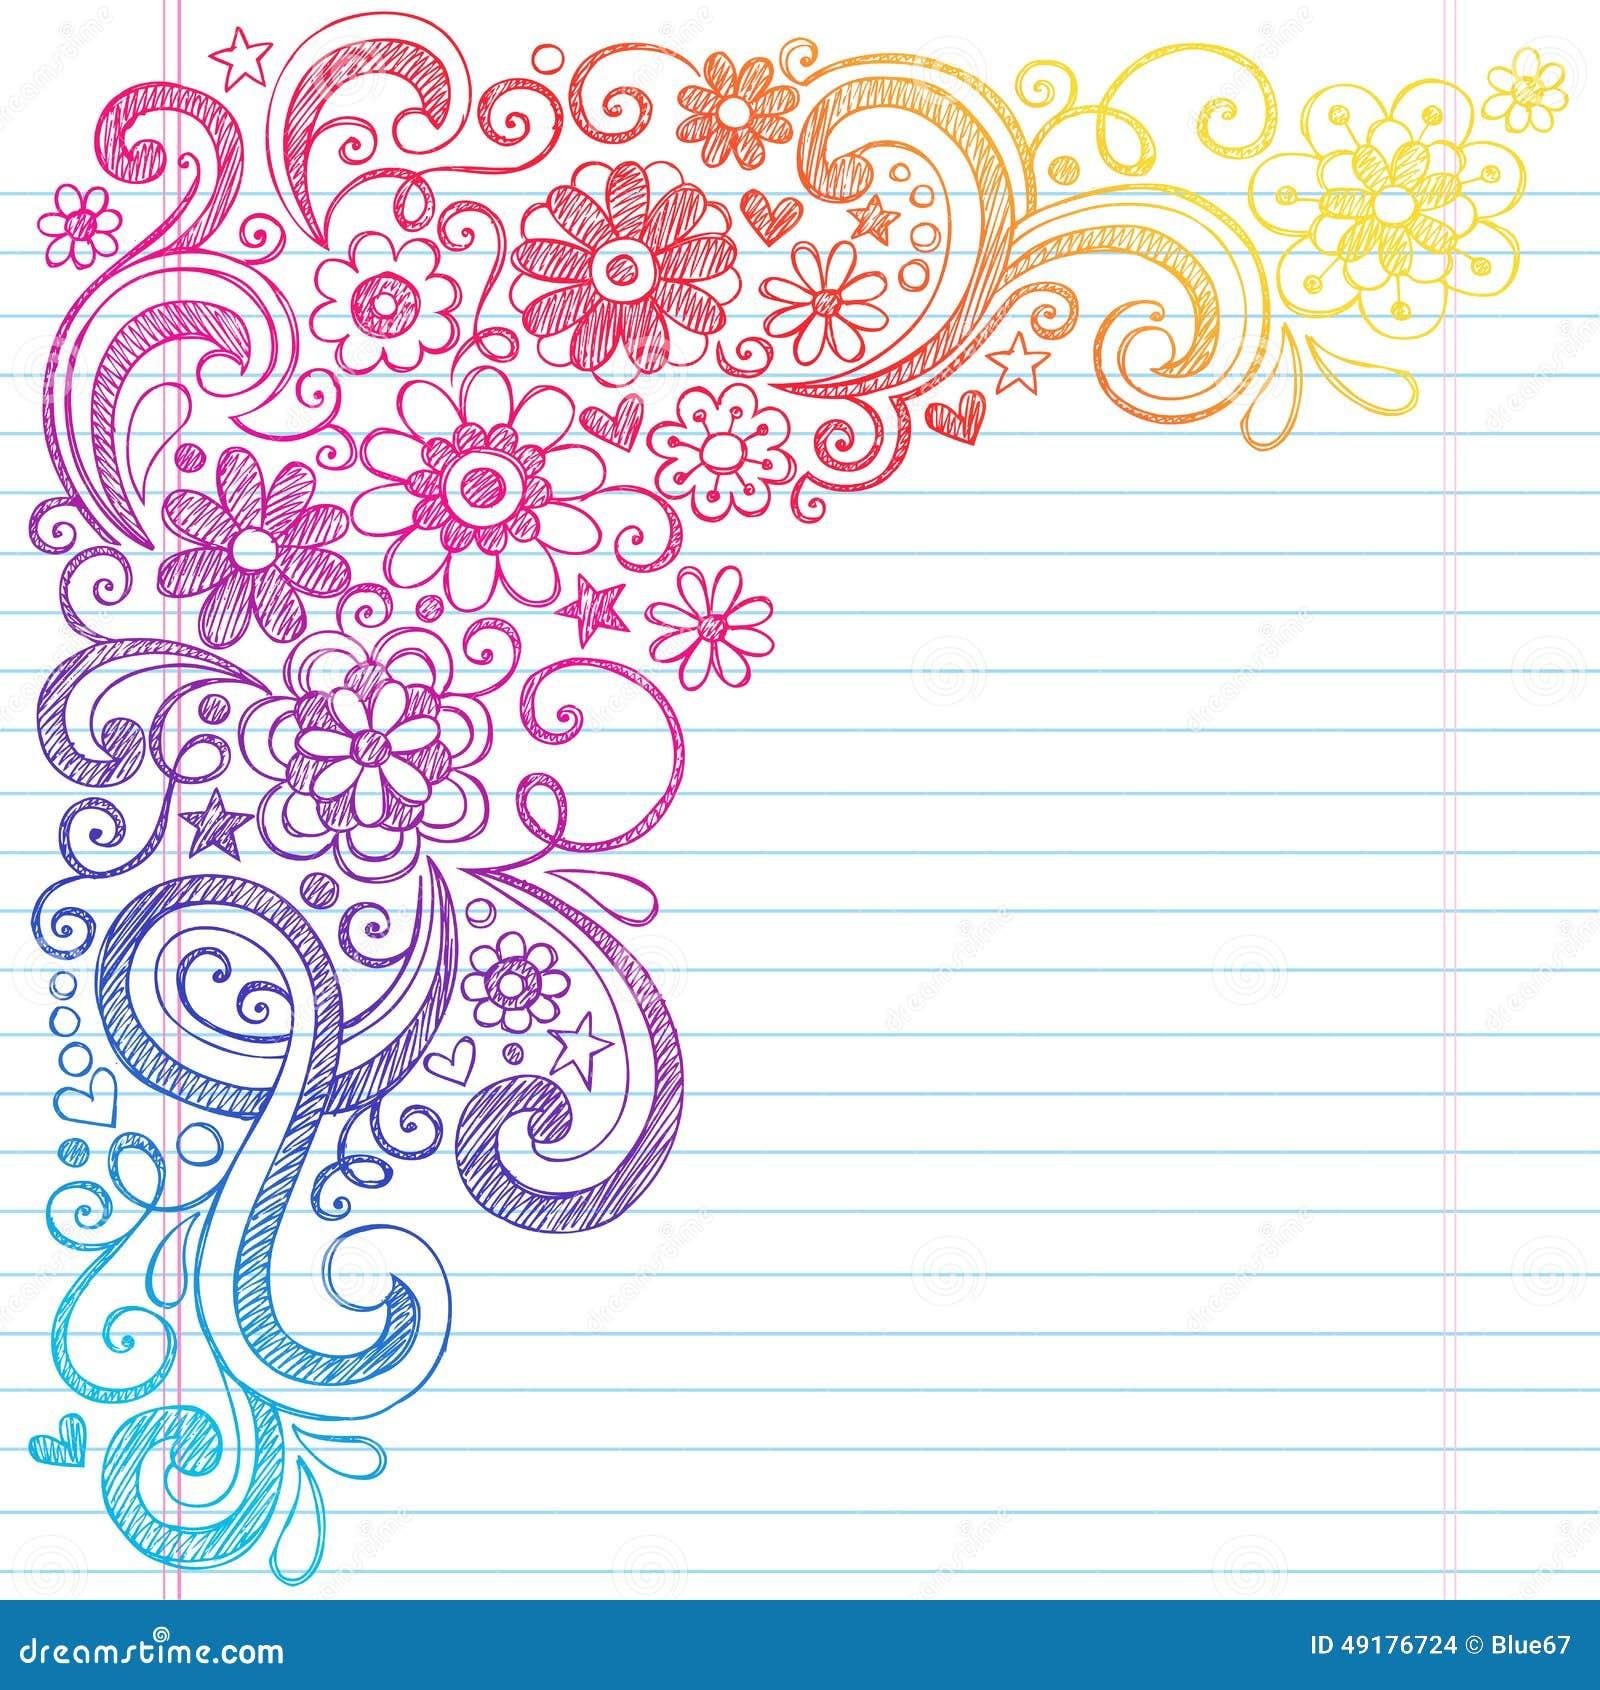 Διανυσματική απεικόνιση Doodles σχολικών σημειωματάριων λουλουδιών περιγραμματική